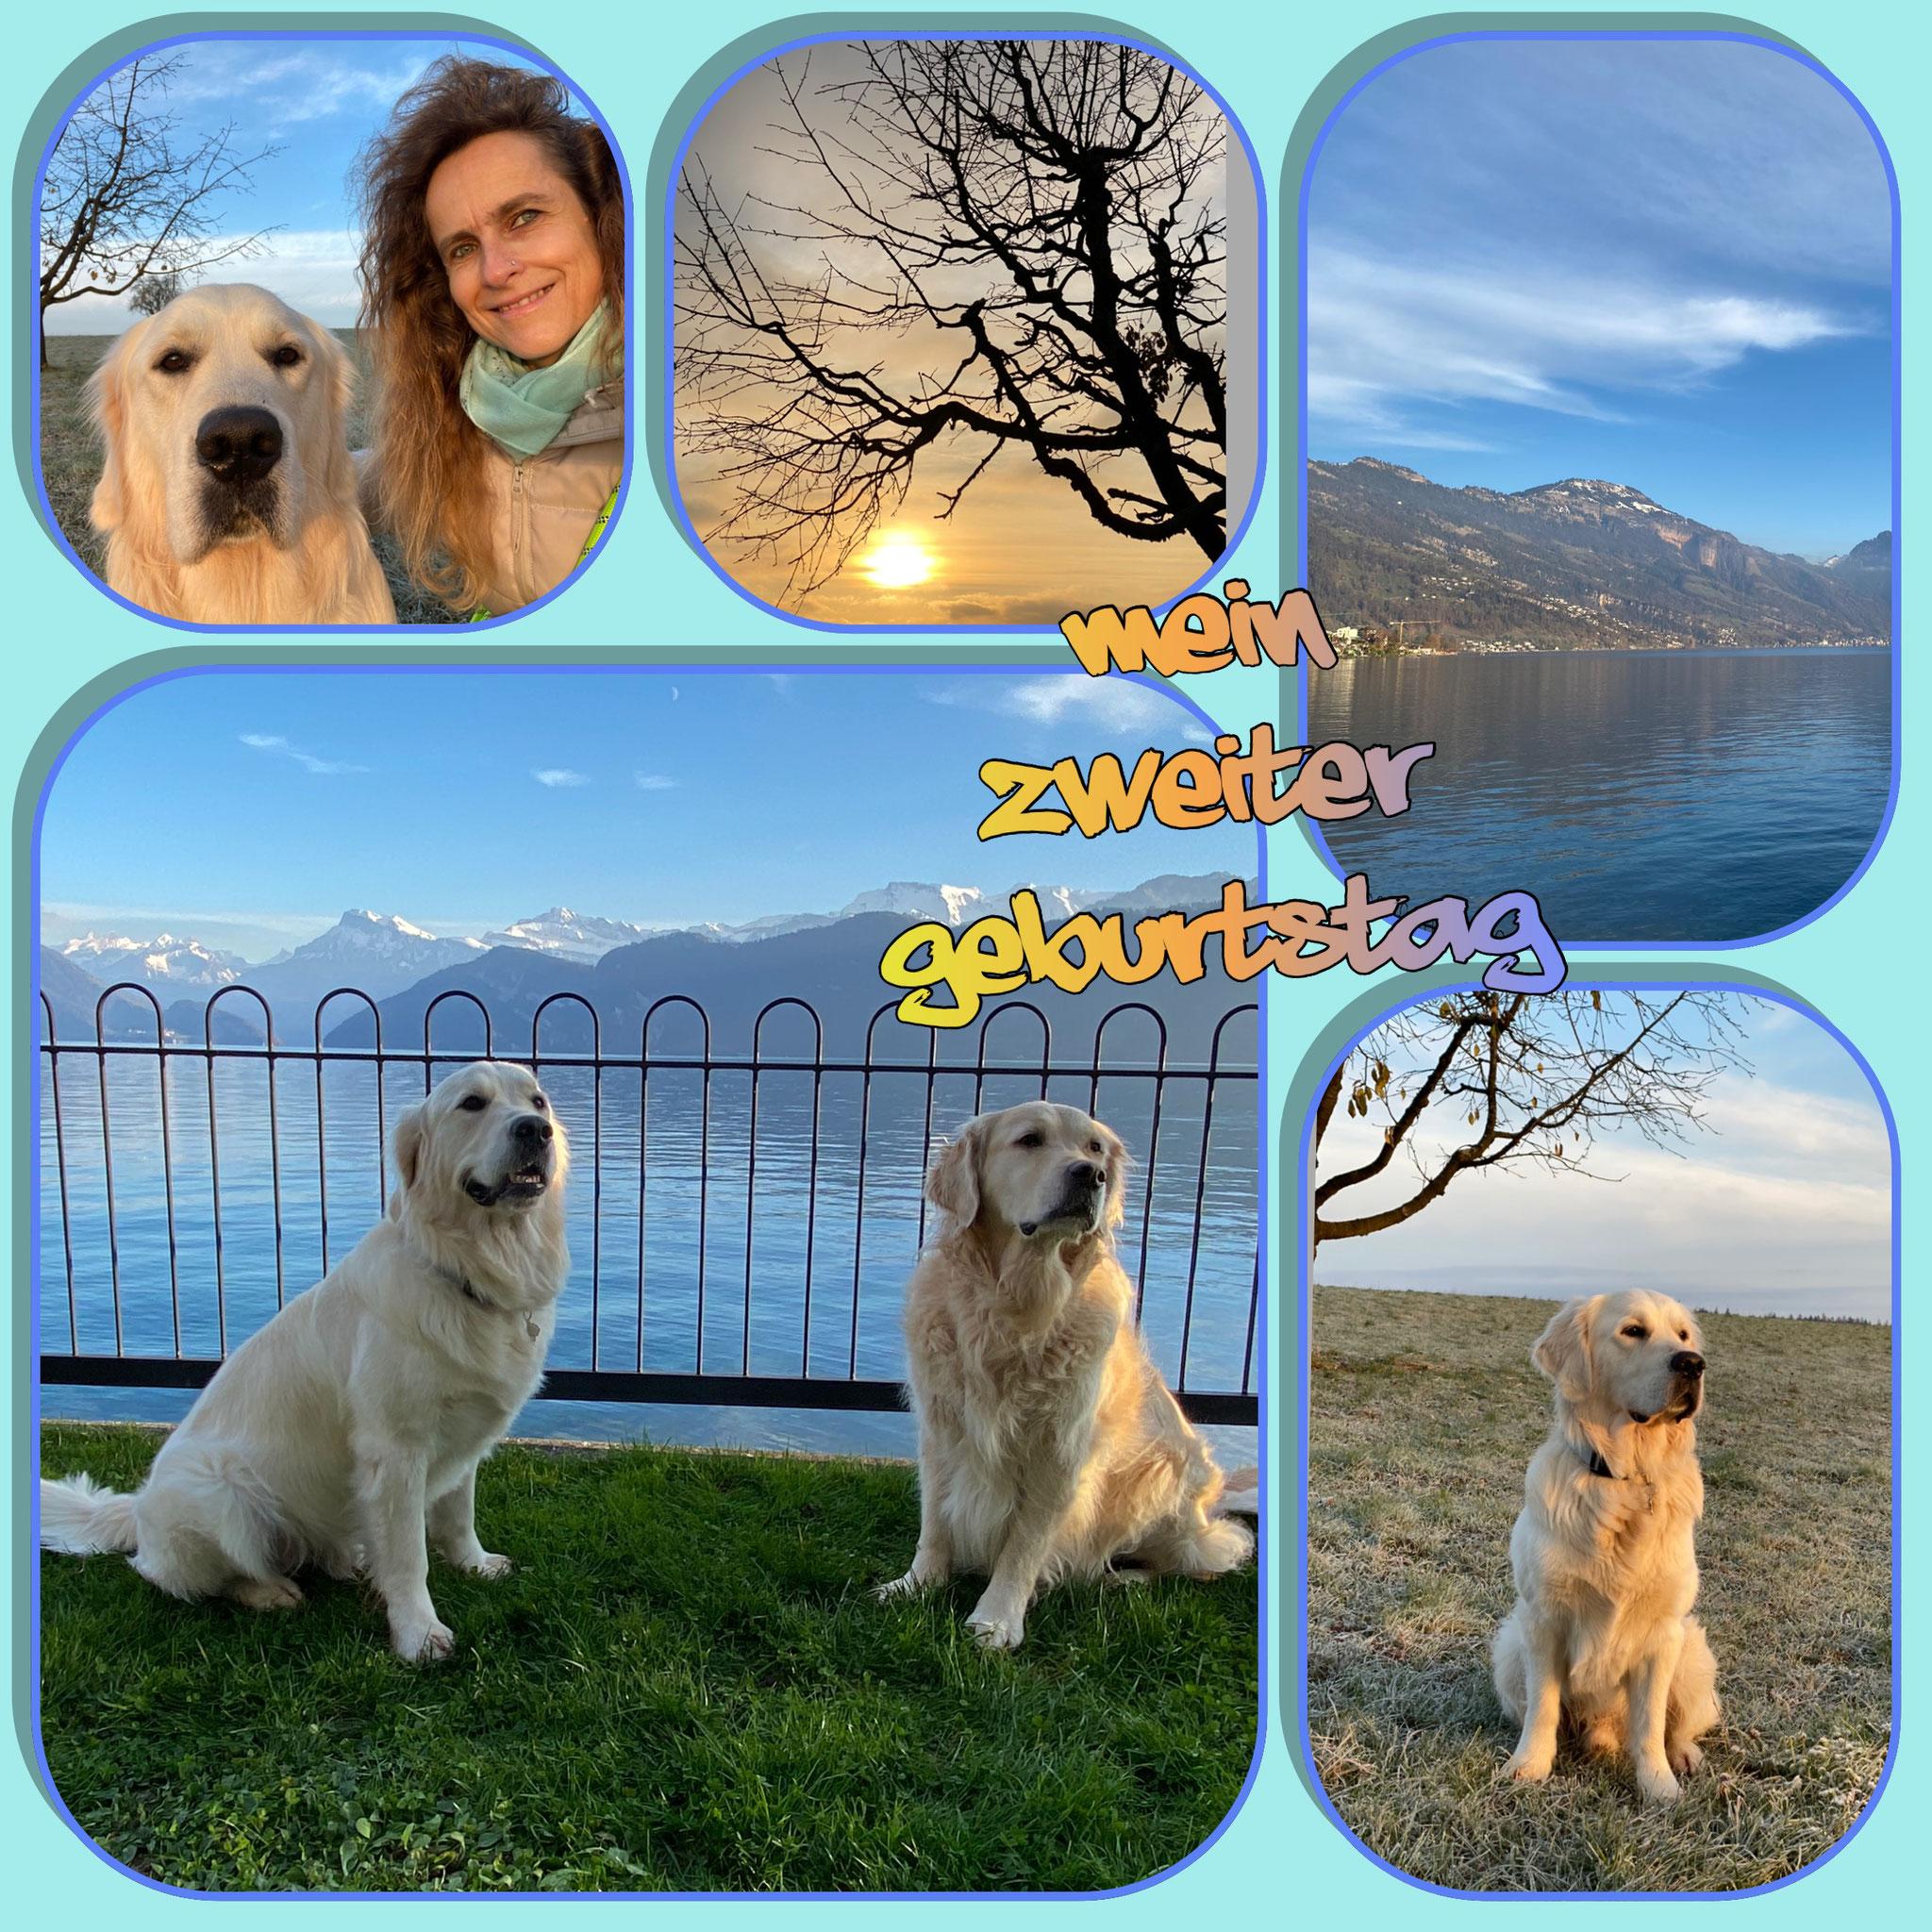 Besuch bei Aron in Weggis an meinem zweiten Geburtstag. Ich lerne von ihm, einen Therapiehund zu werden...